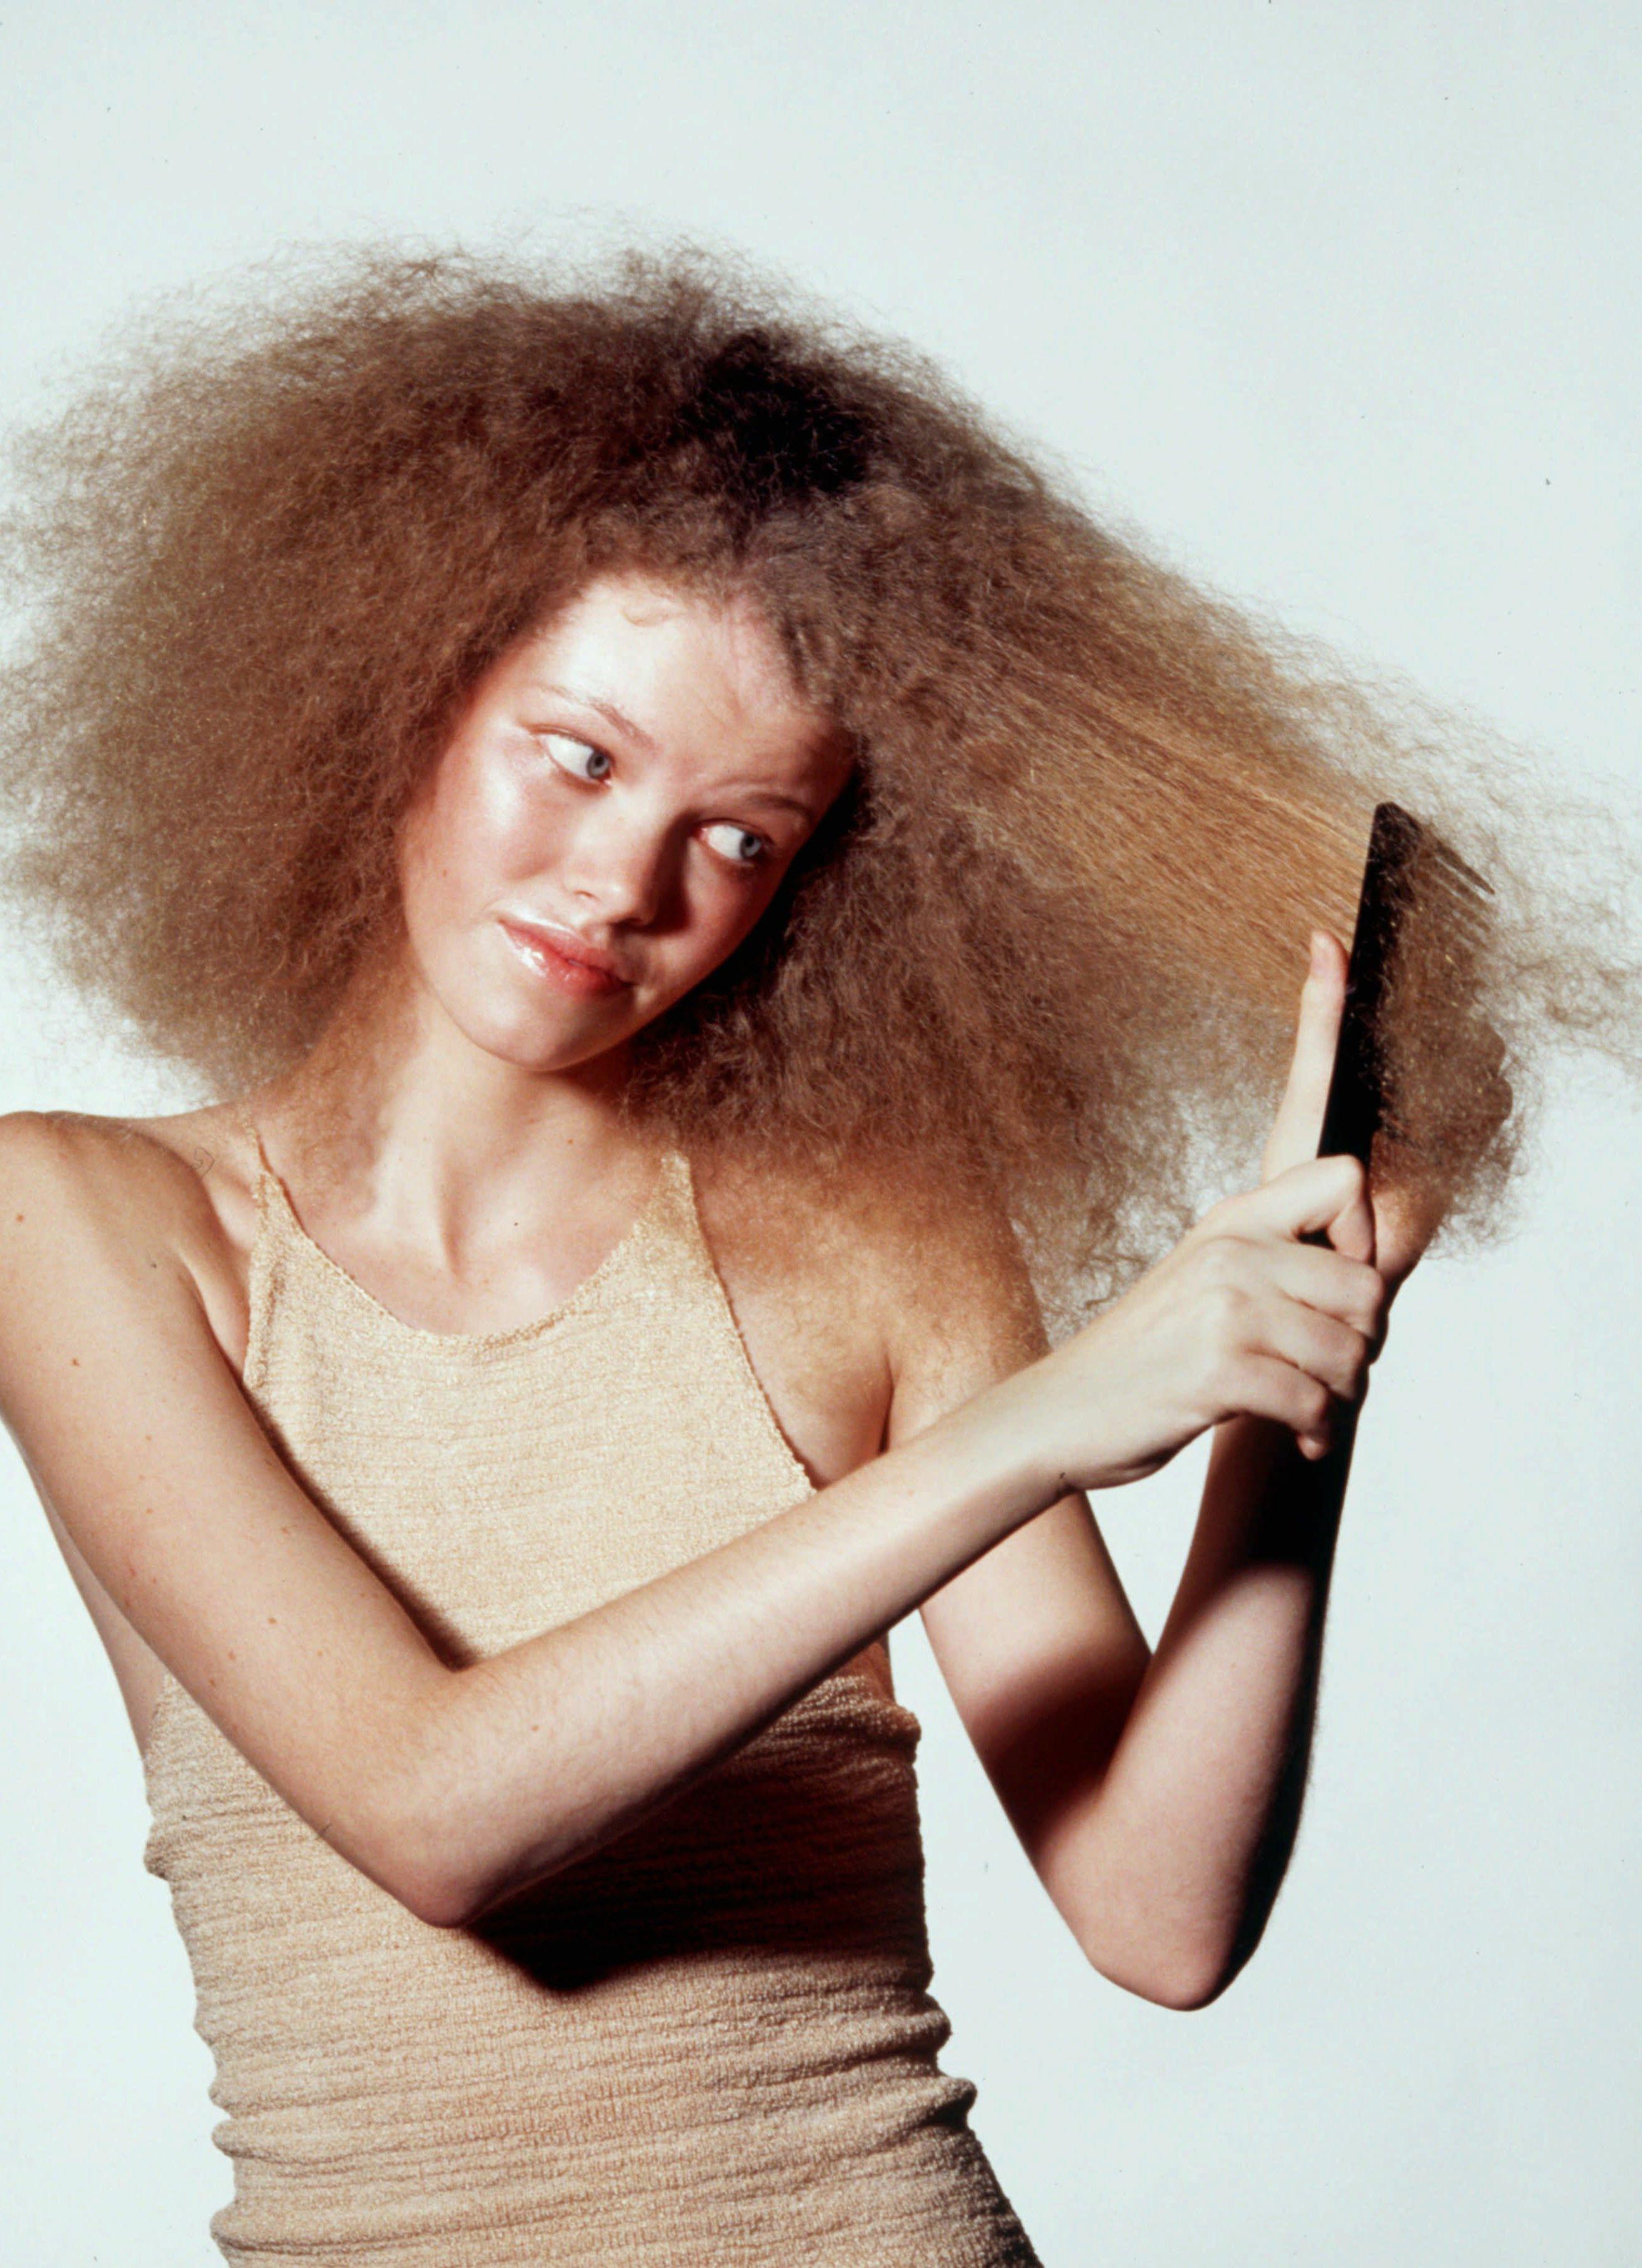 Consumidora que não observou bula não pode reclamar de cabelo danificado por química